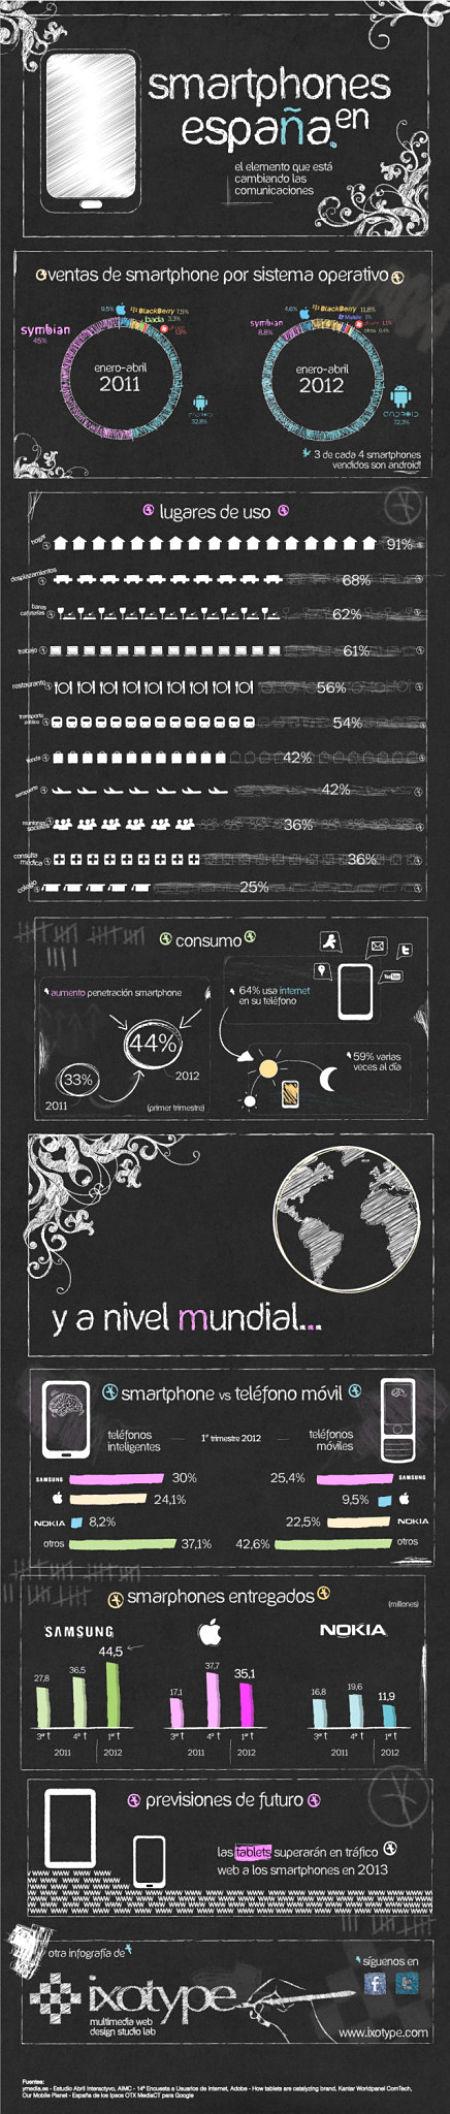 Actualidad Informática. Infografía: smartphones en España. Rafael Barzanallana